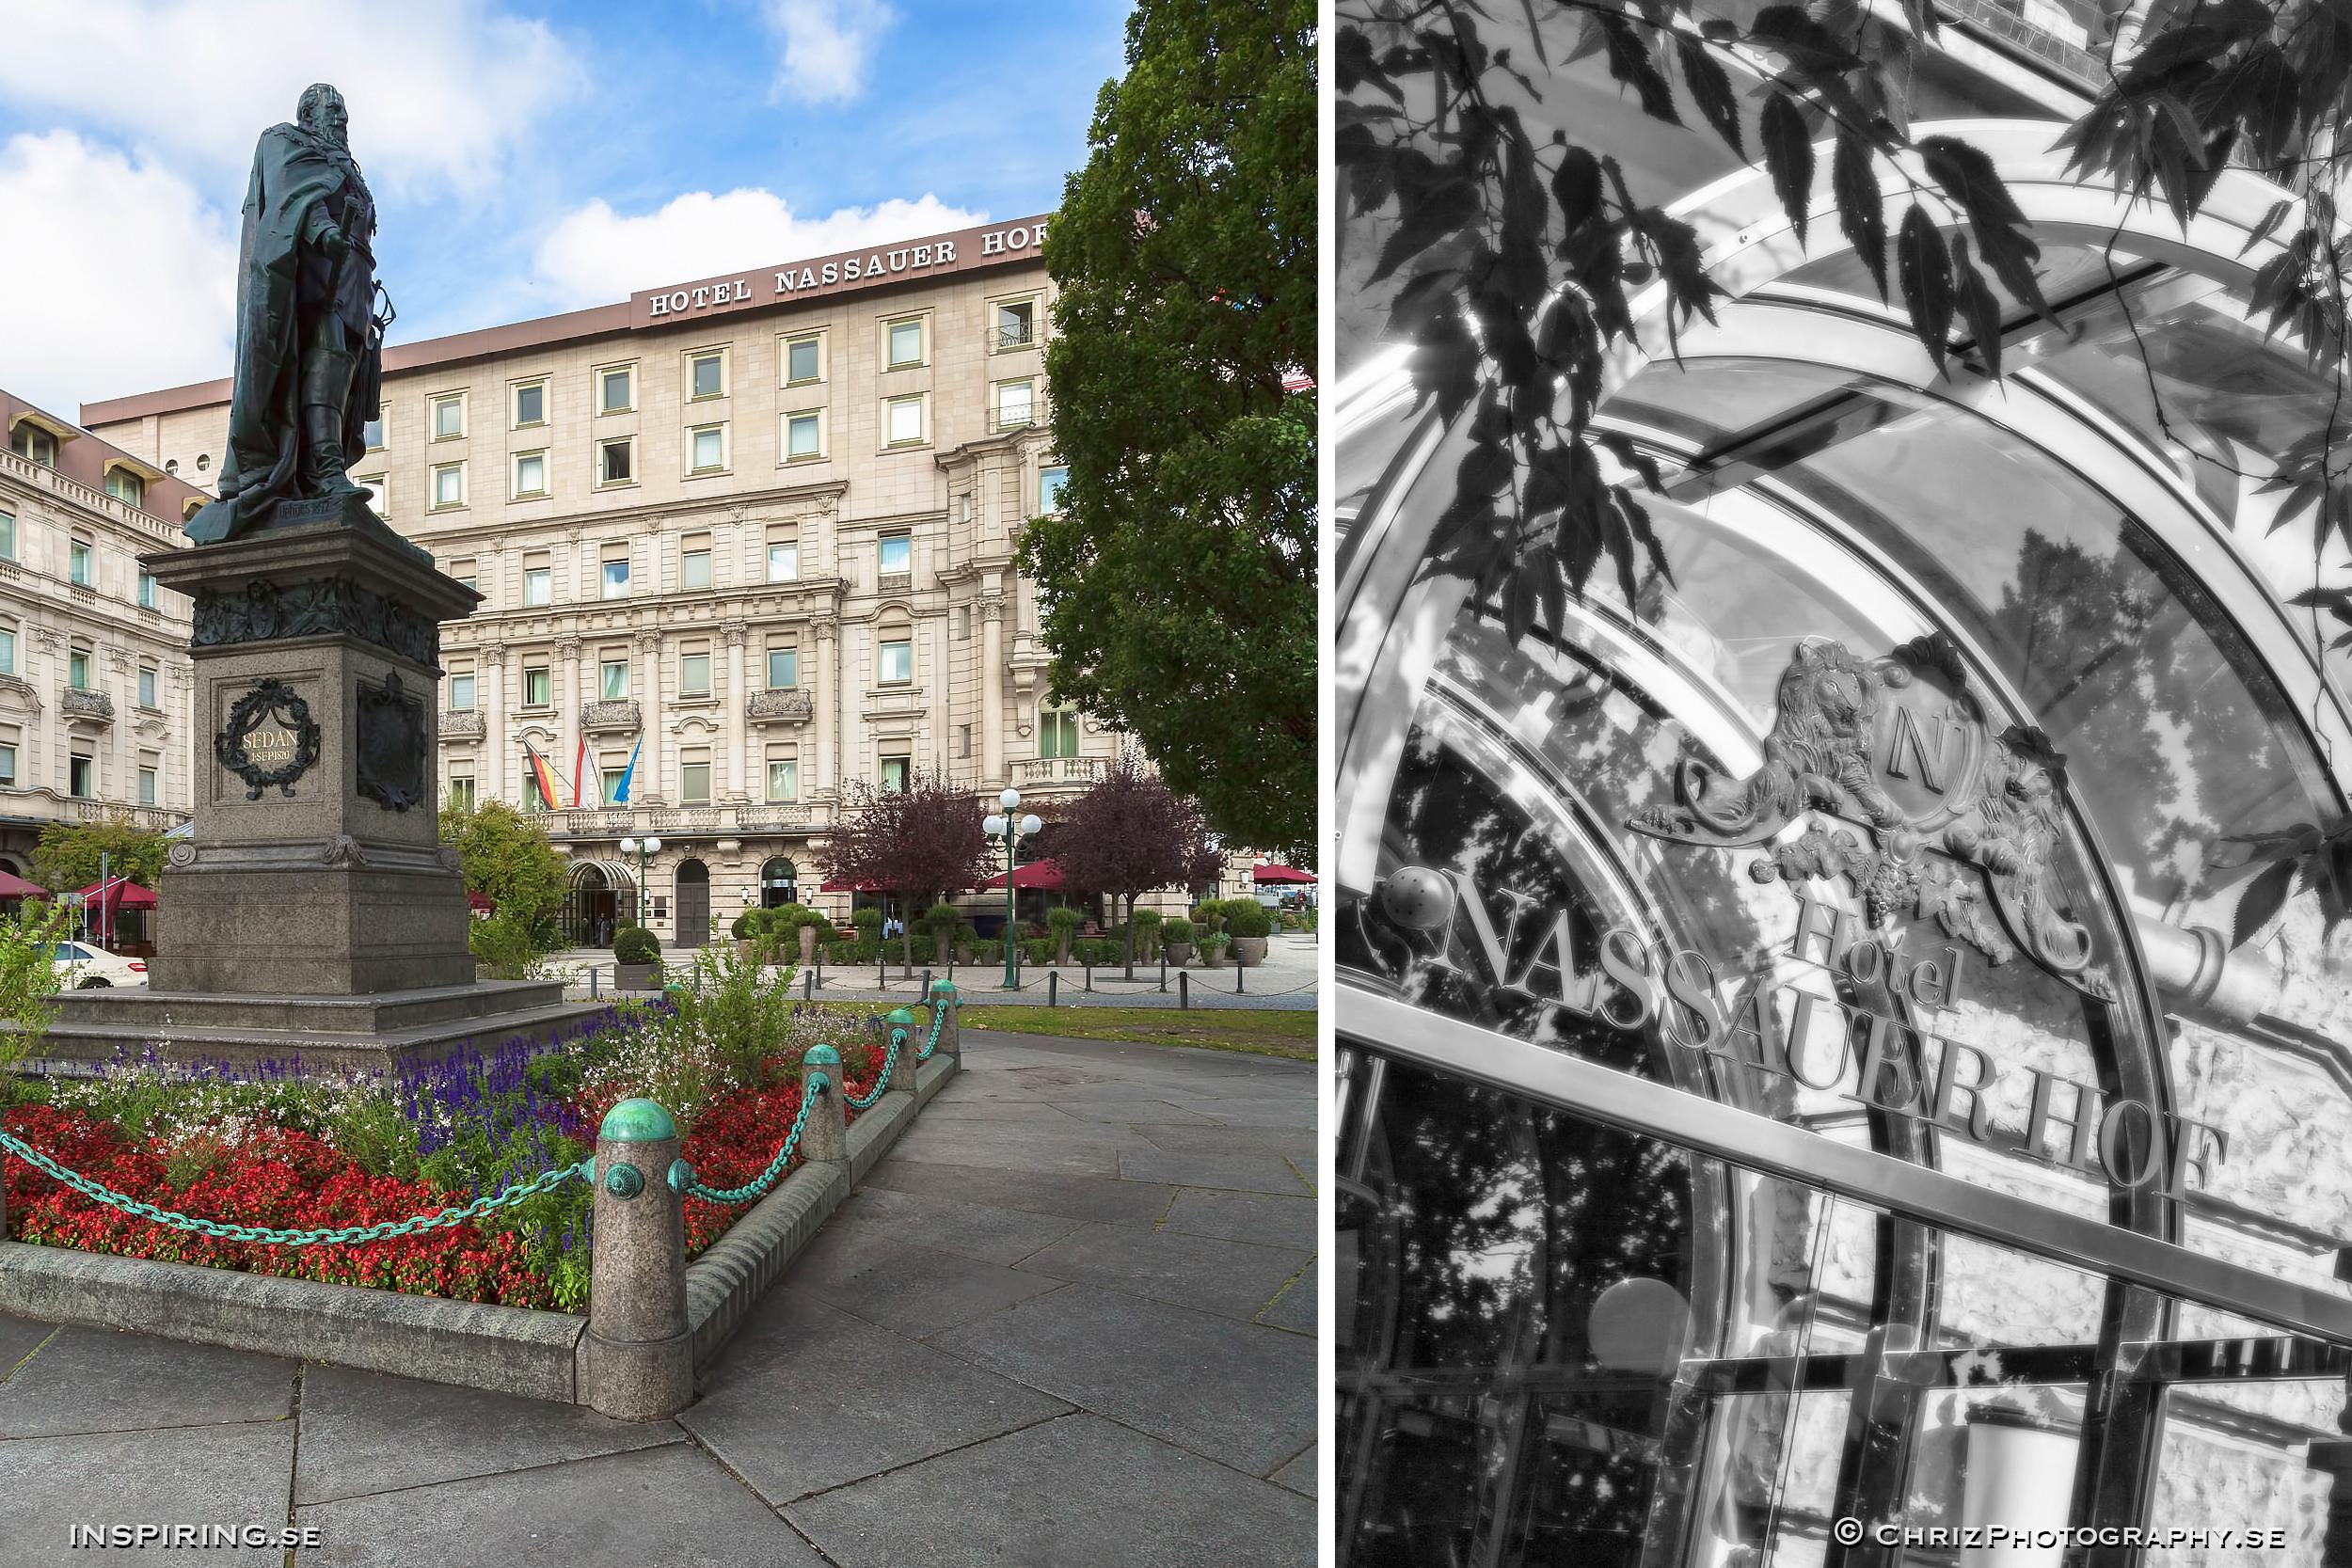 Hotel_Nassauer_Hof_Inspiring.se_copyright_ChrizPhotography.se_1.jpg